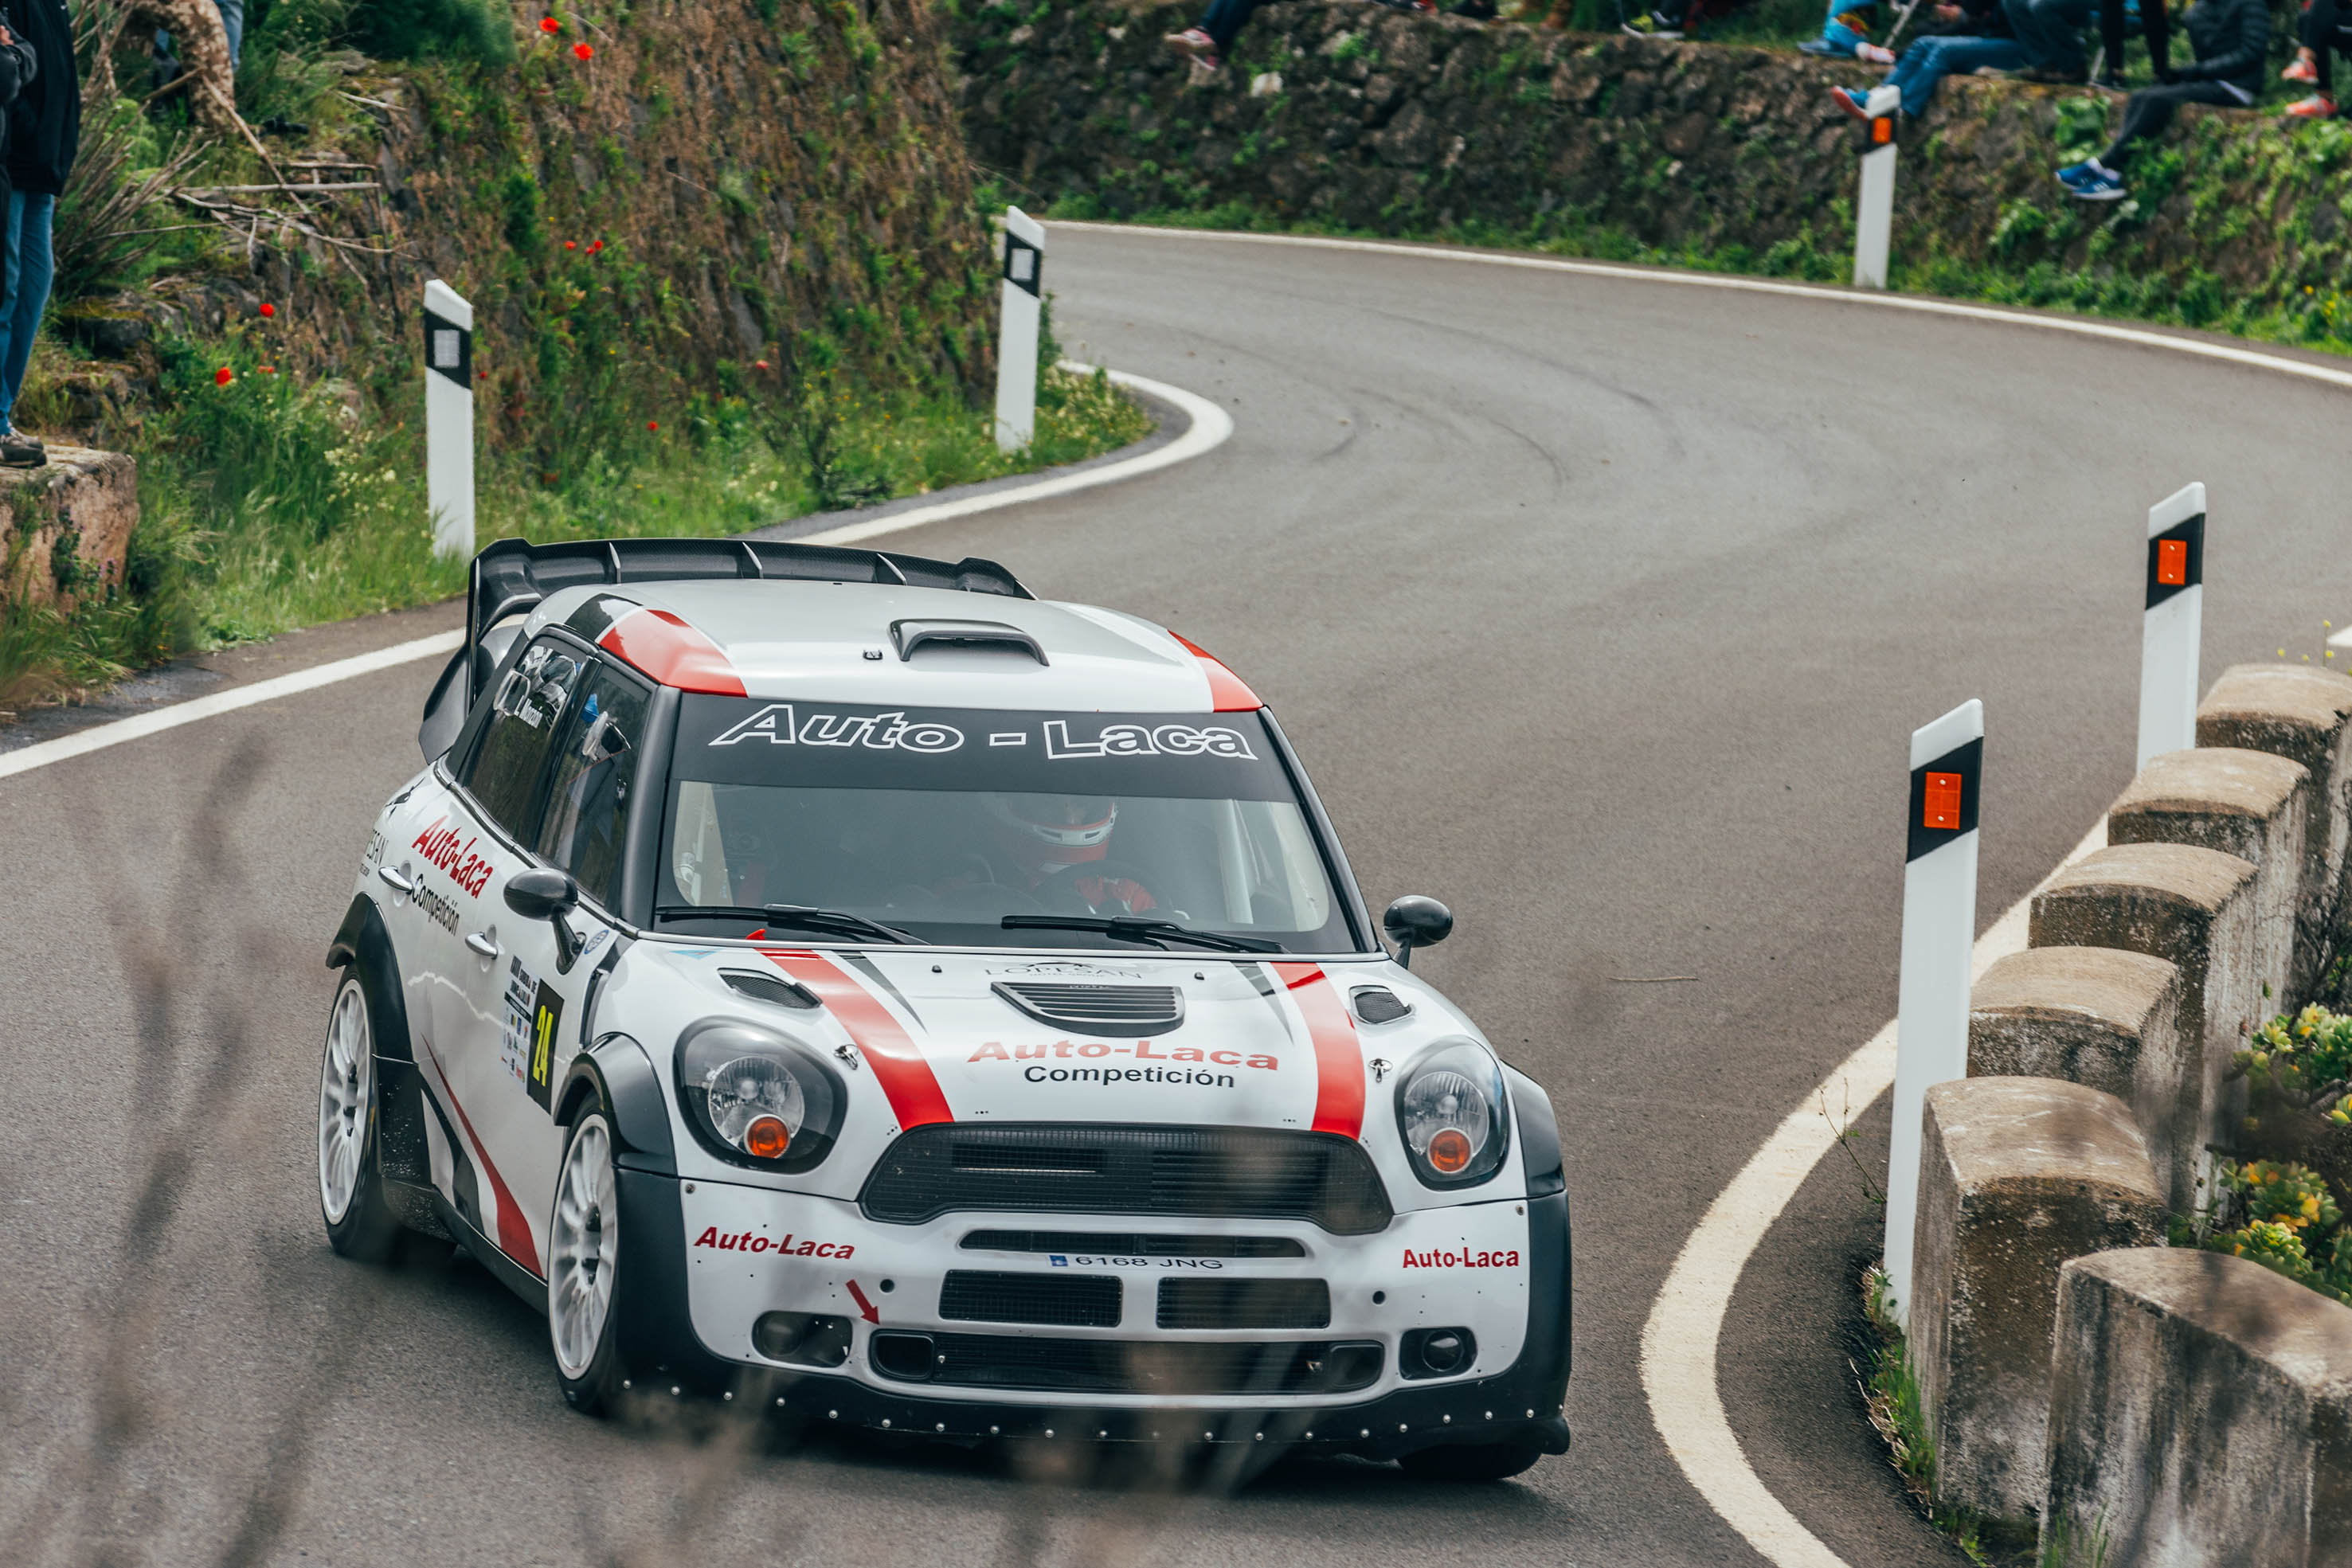 📢 Luis Monzón y su MINI JCW WRC empiezan liderando el  Campeonato de Las Palmas de Montaña